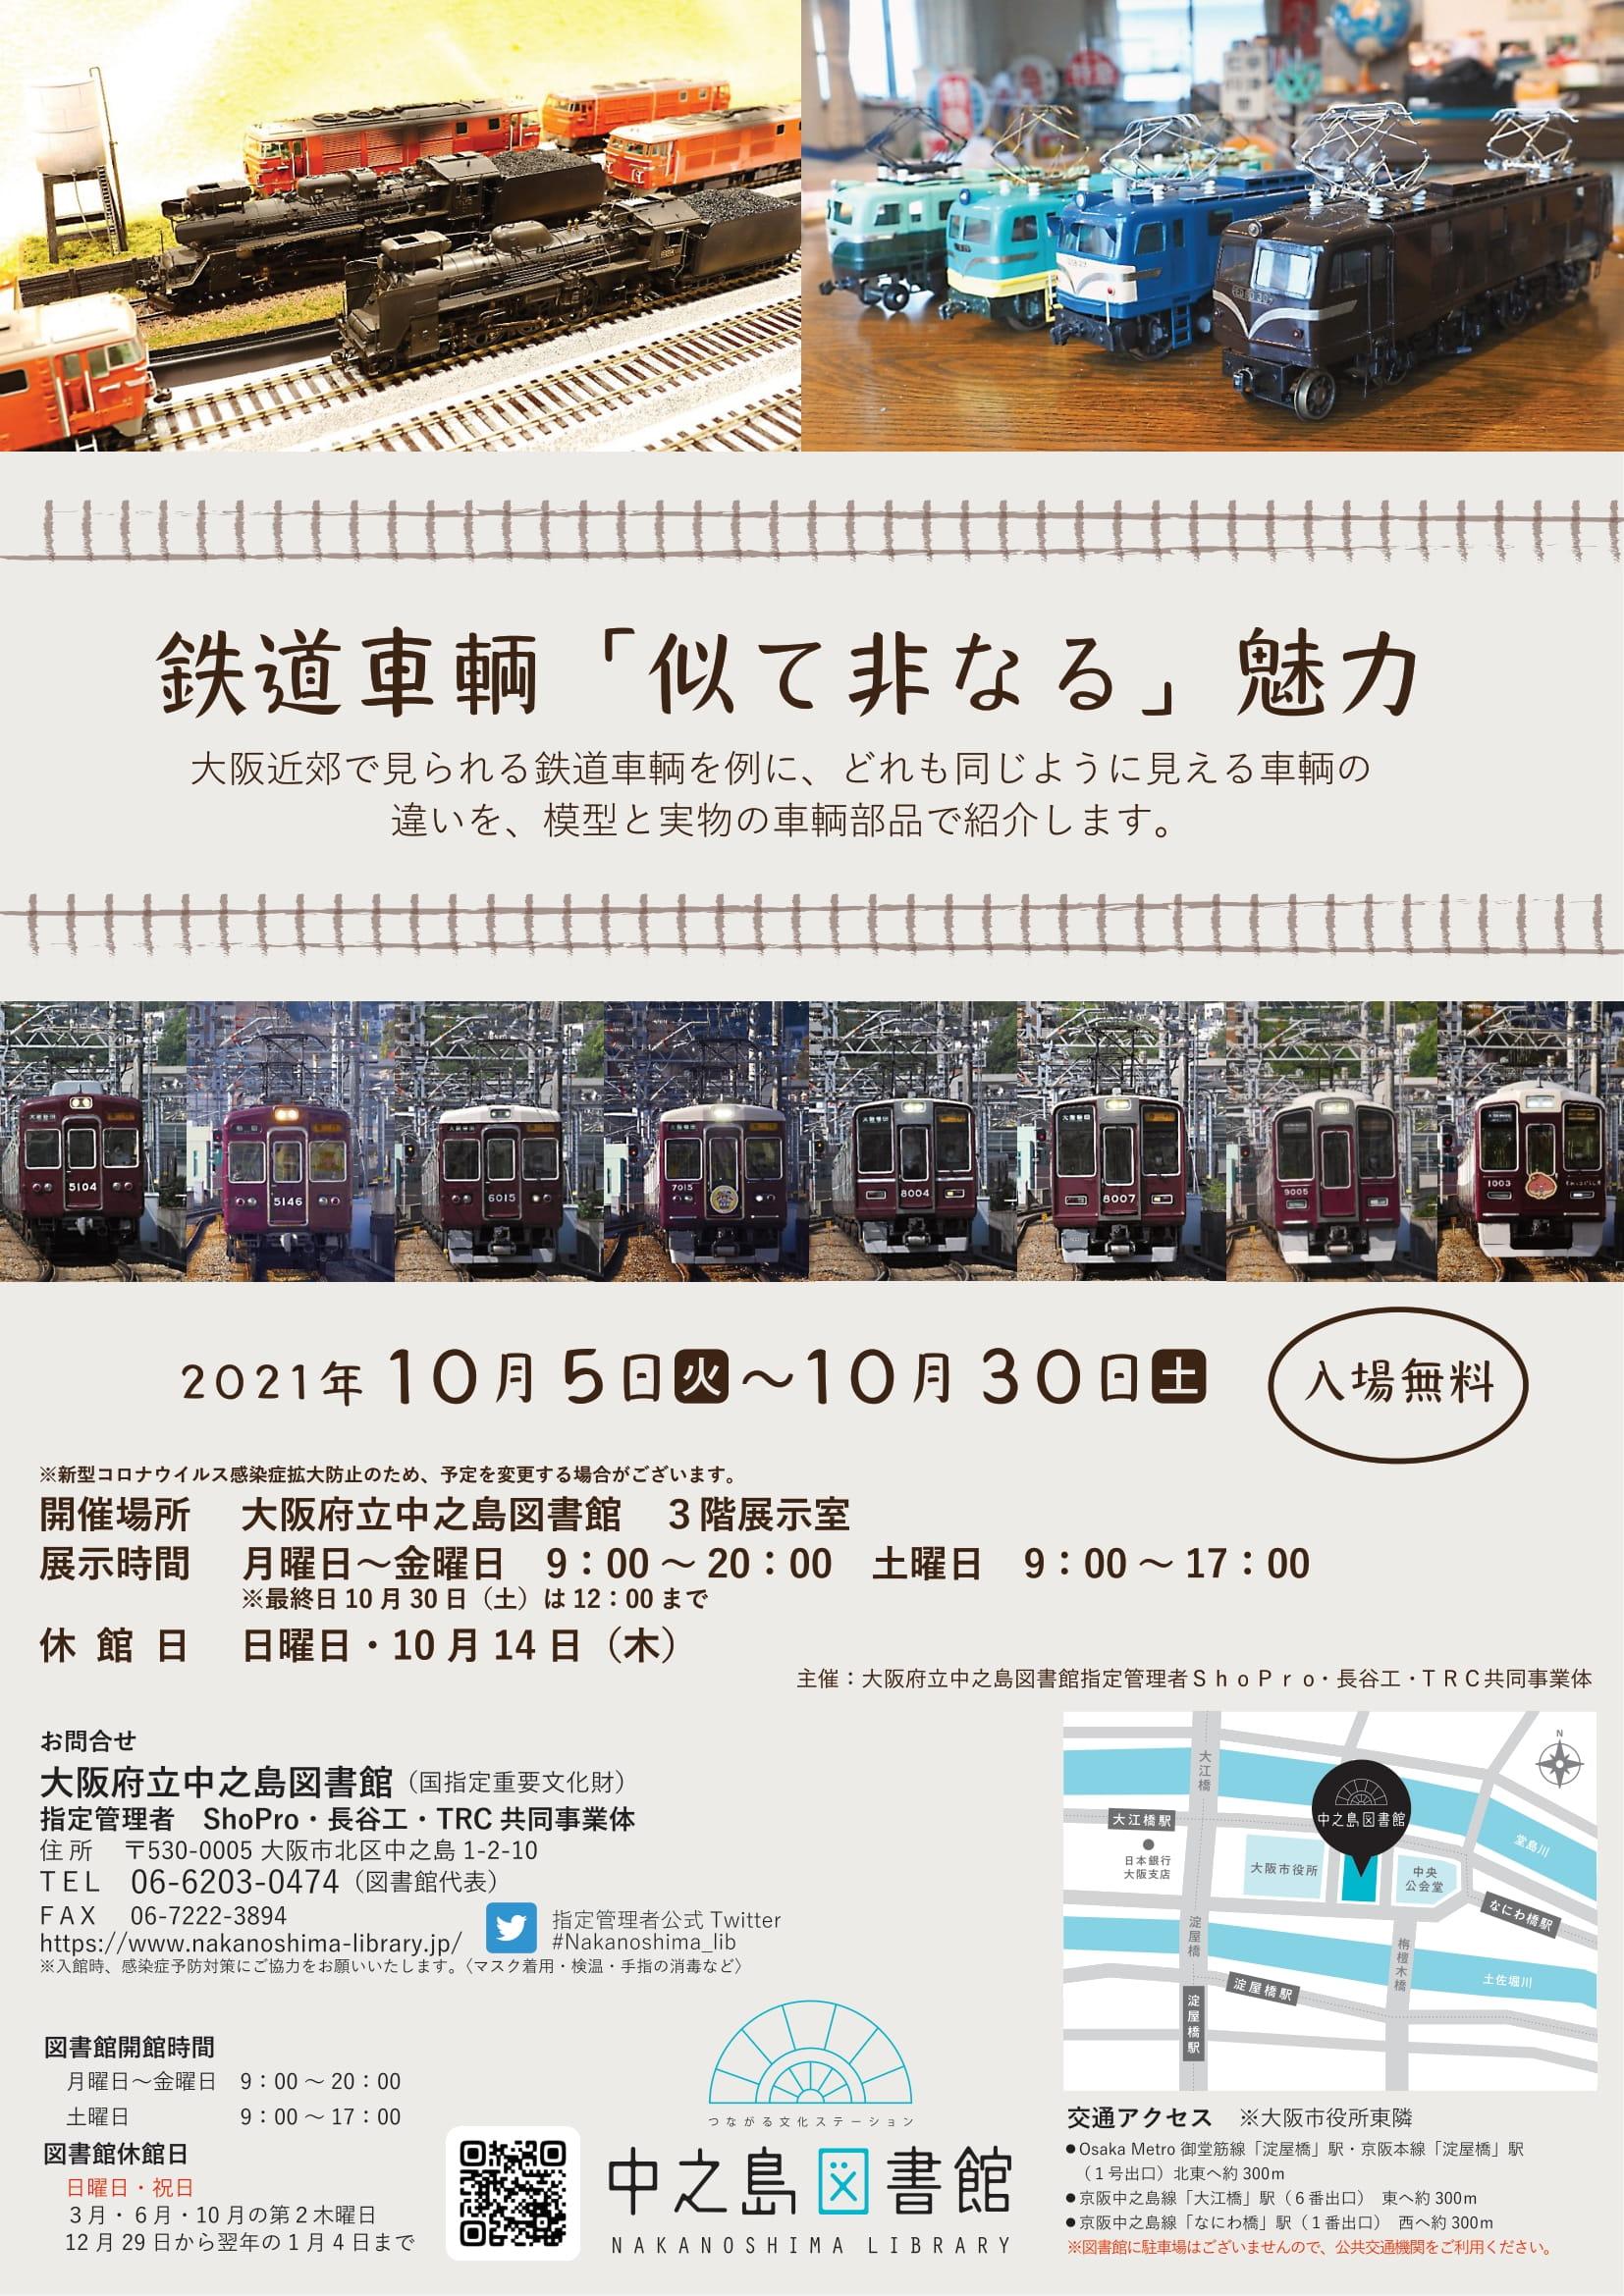 10月5日(火)~30日(土) 鉄道車両「似て非なる」魅力